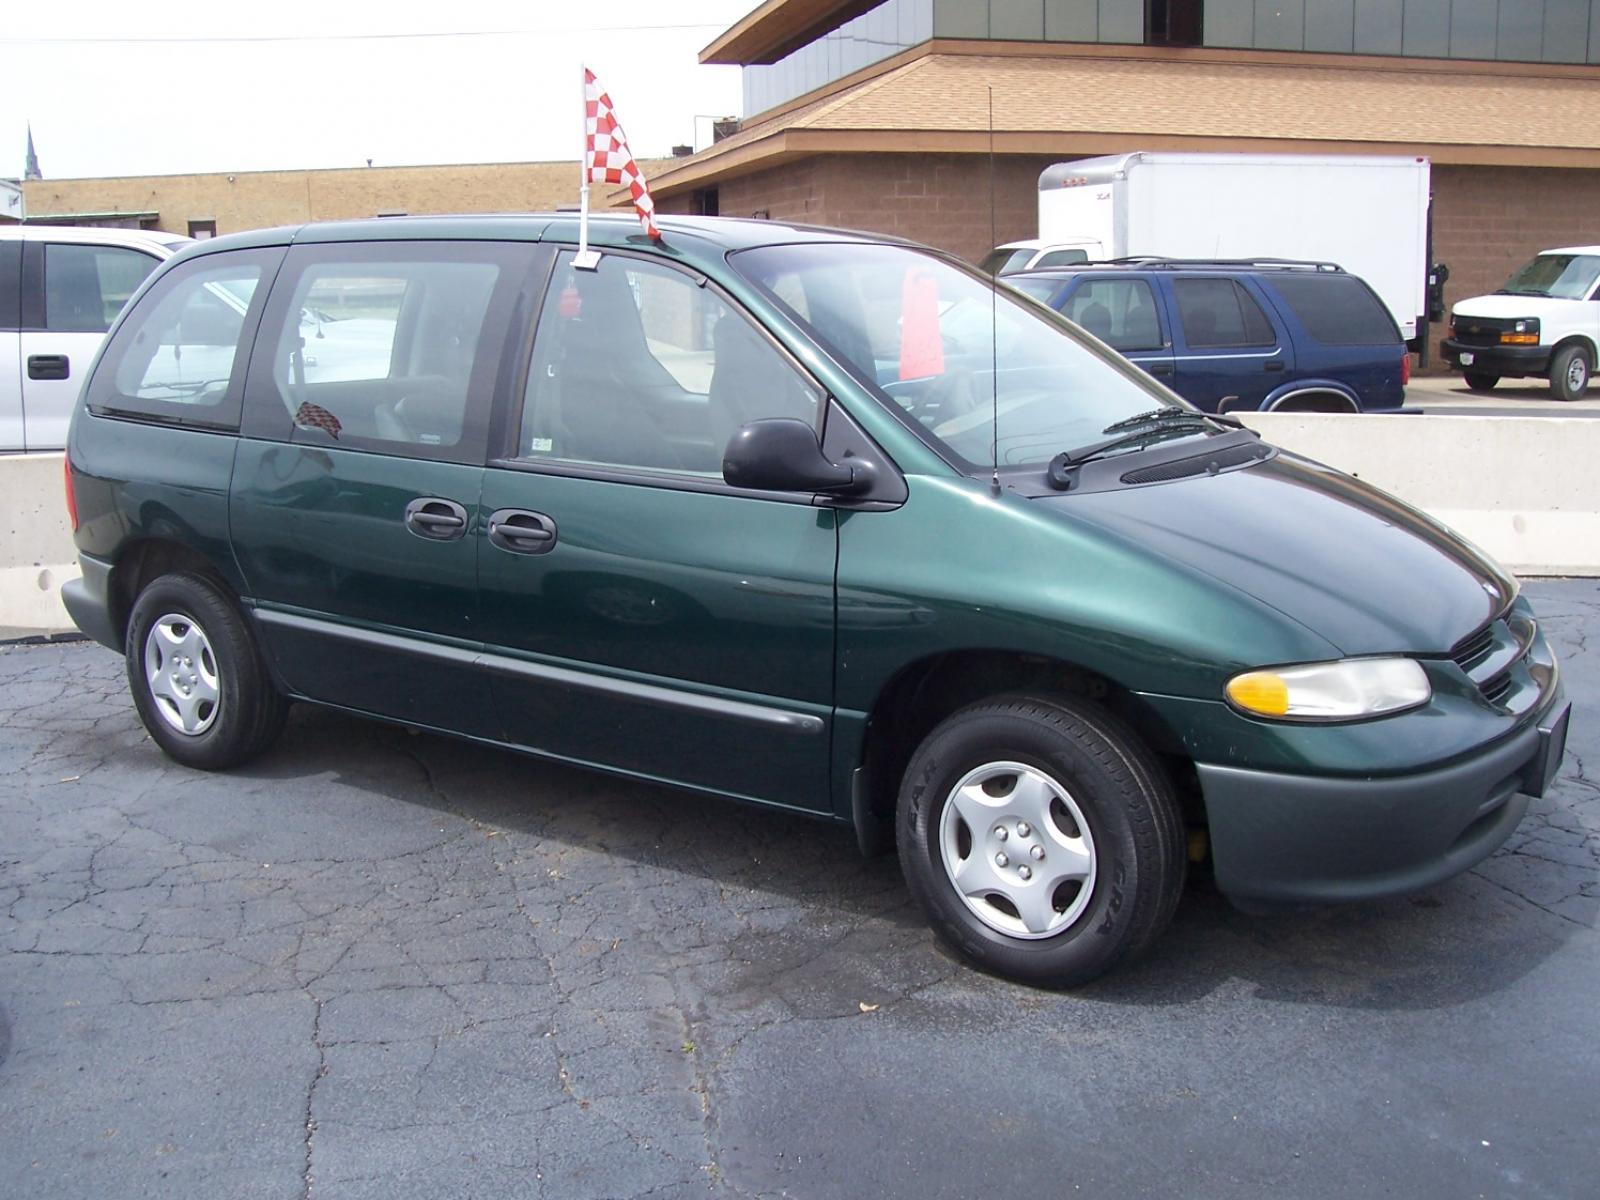 1998 dodge grand caravan 3 dodge grand caravan 3 800 1024 1280 1600 origin